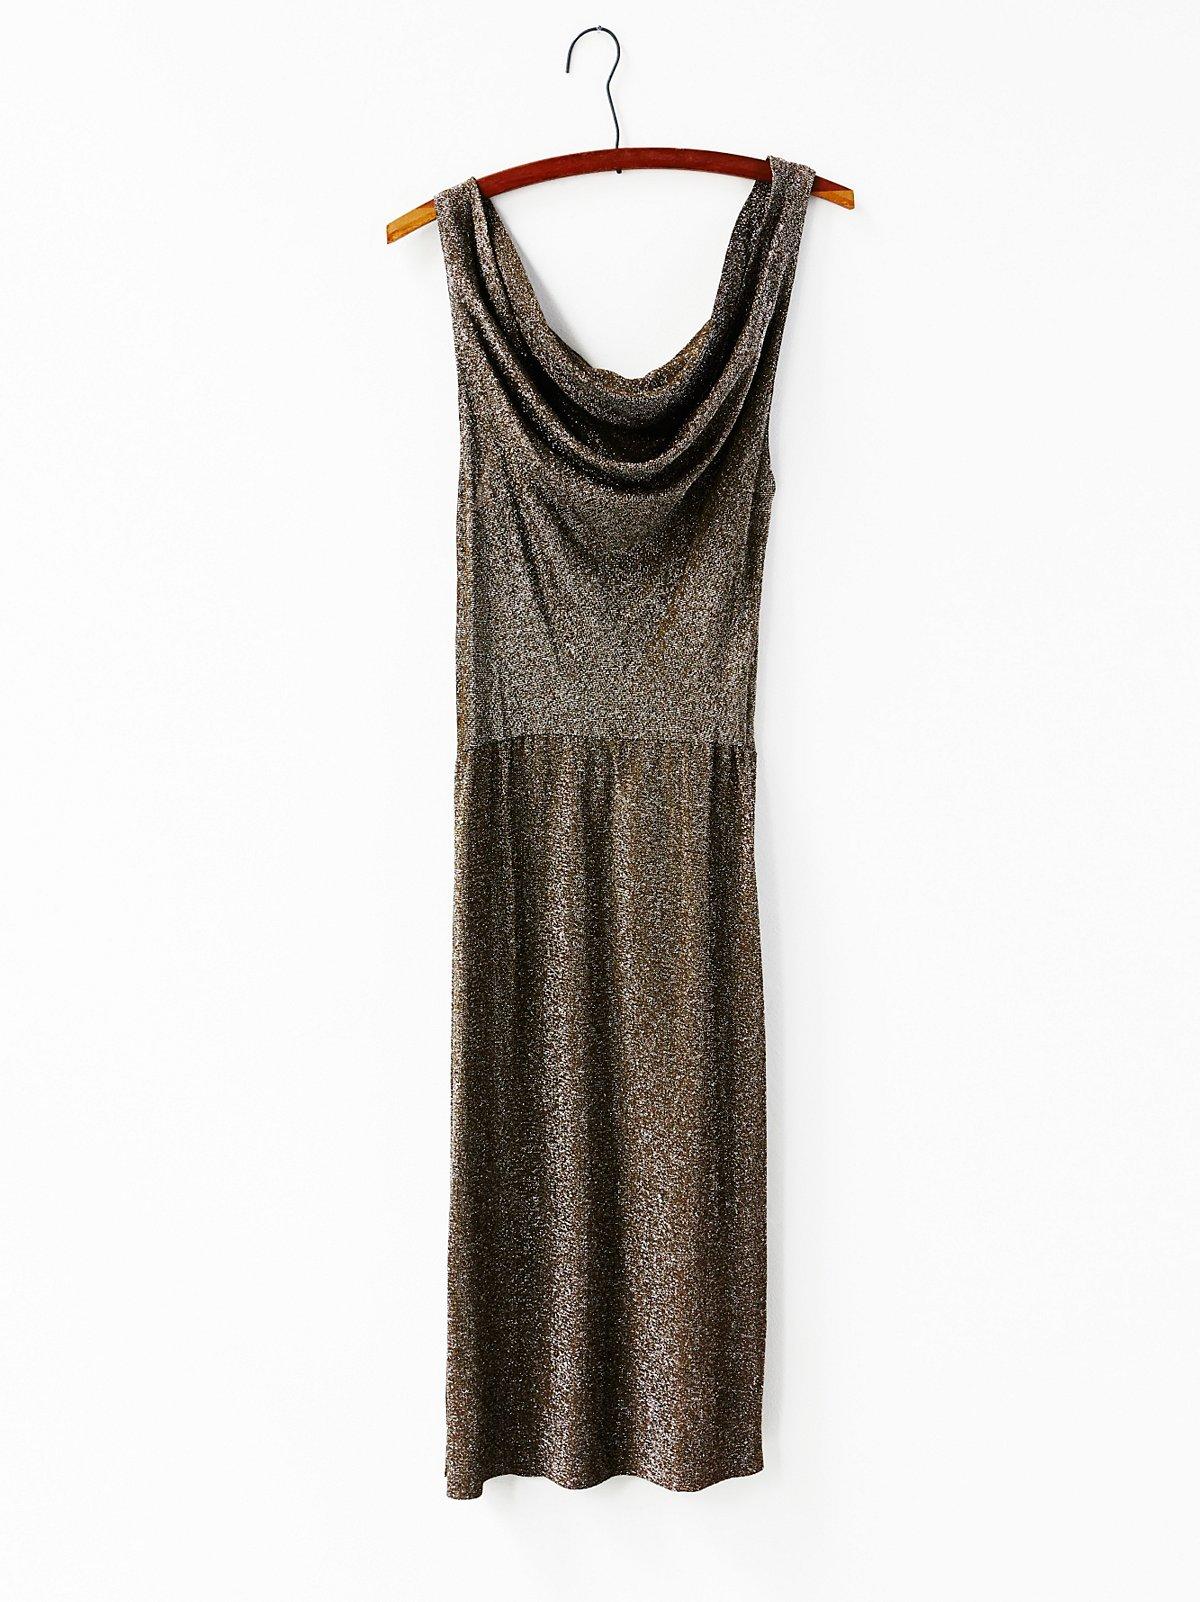 FP Vintage Metallic Dress